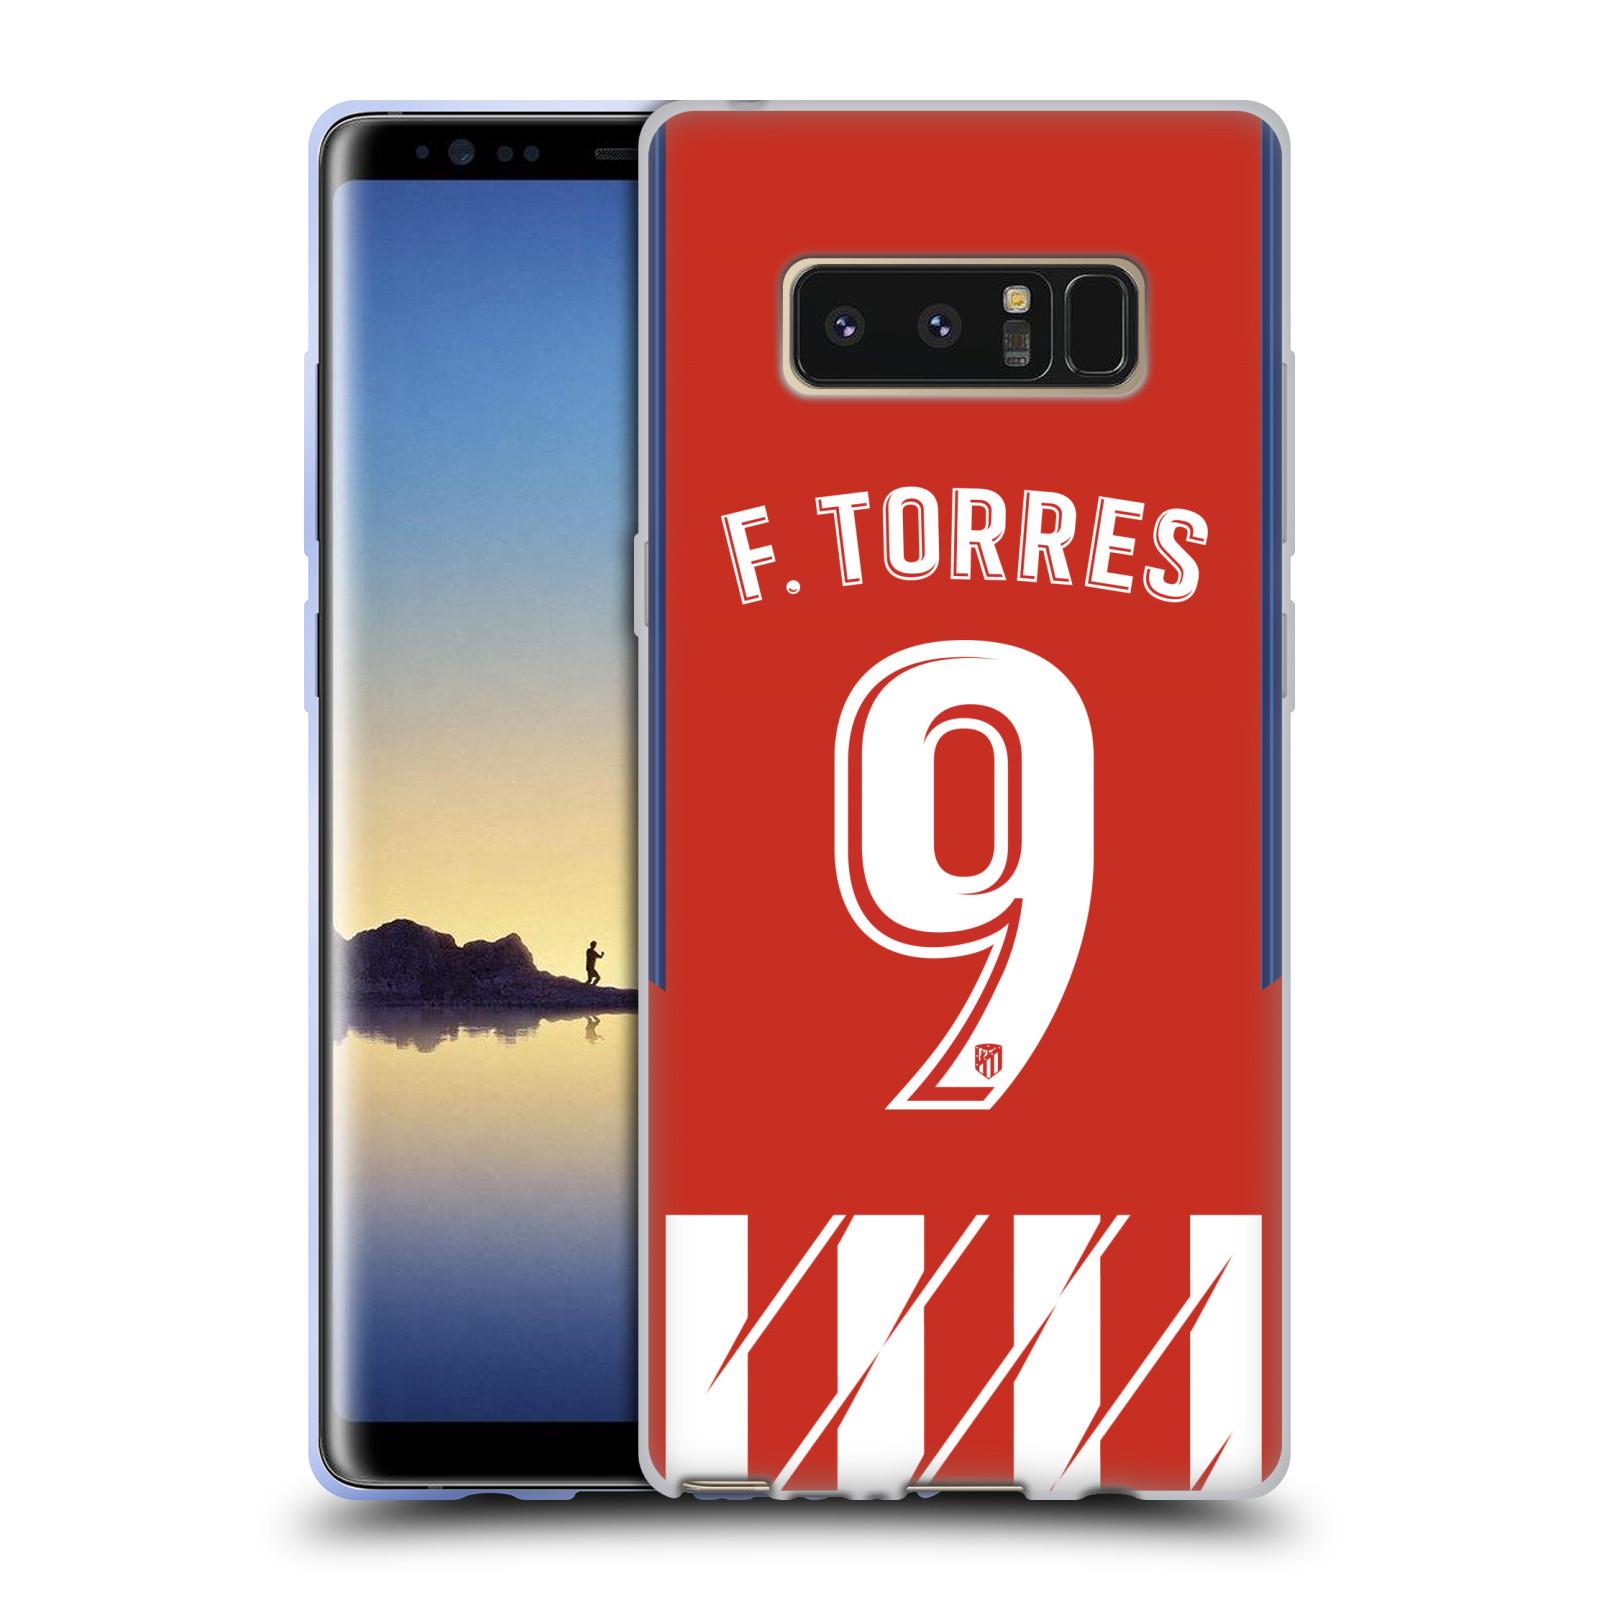 HEAD CASE silikonový obal na mobil Samsung Galaxy Note 8 Fotbalový klub Atlético Madrid dres Fernando Torres